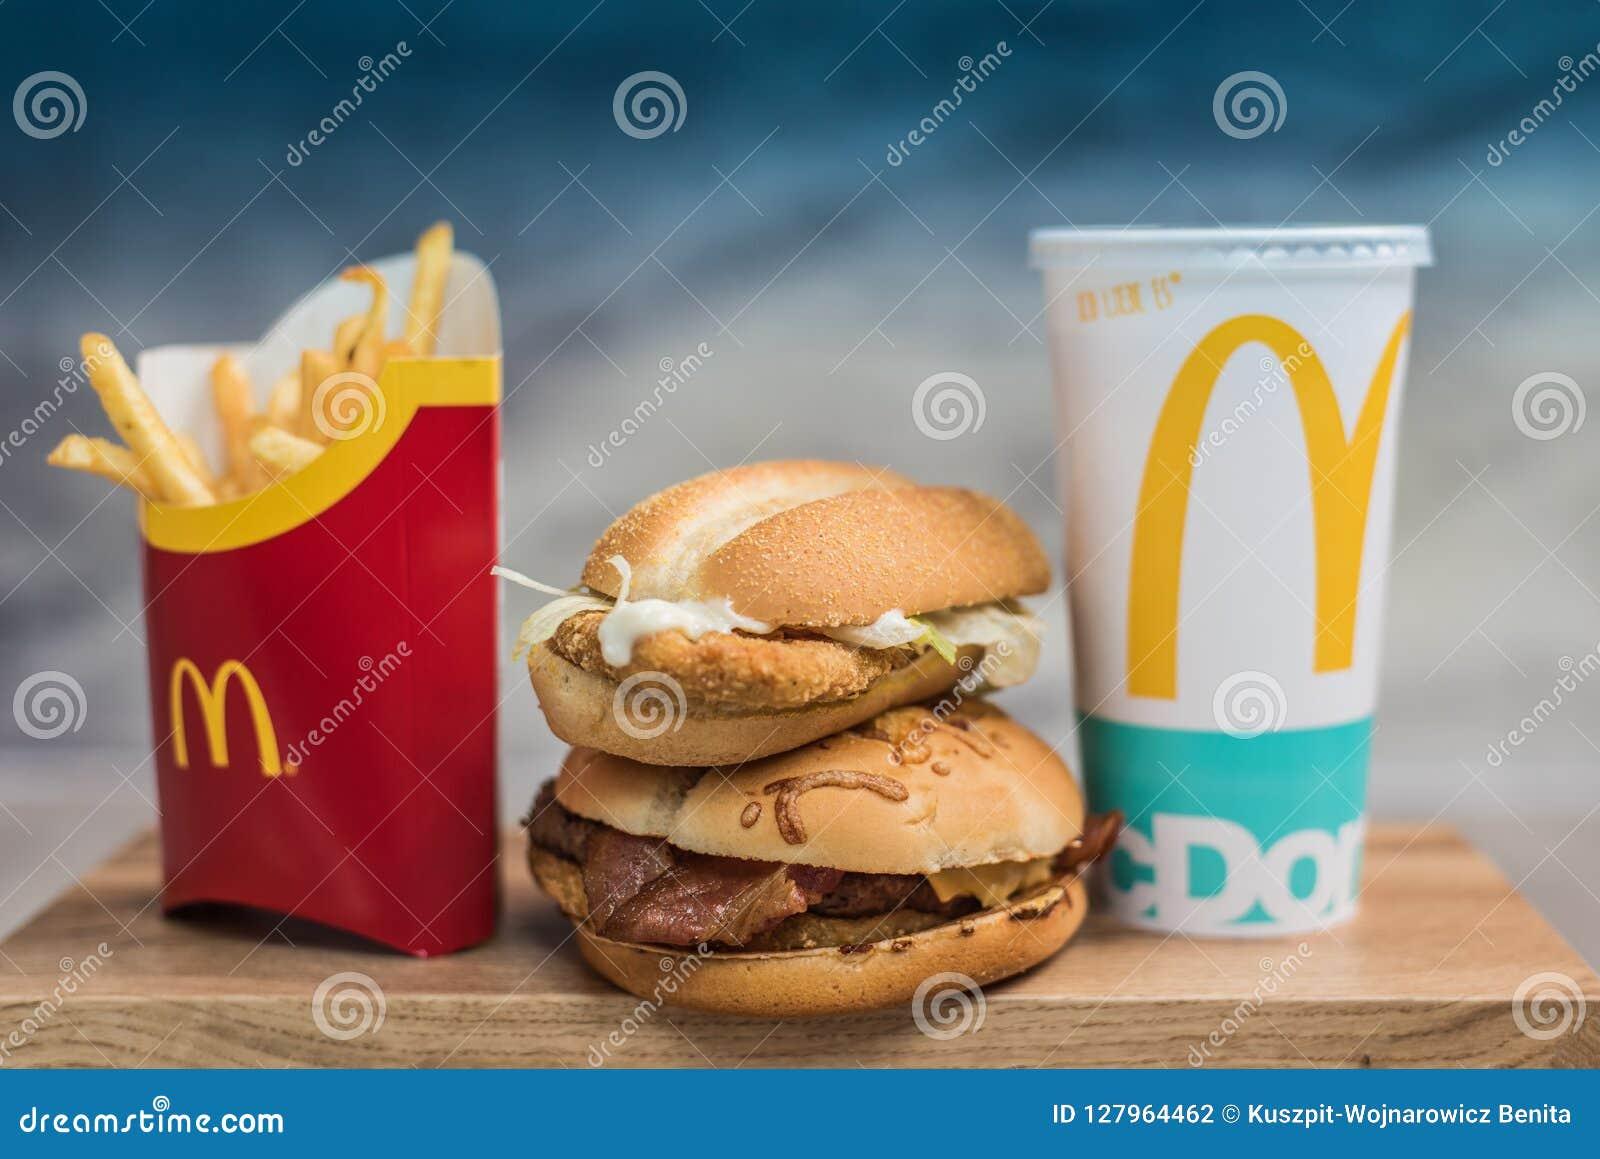 fast food diet drinks